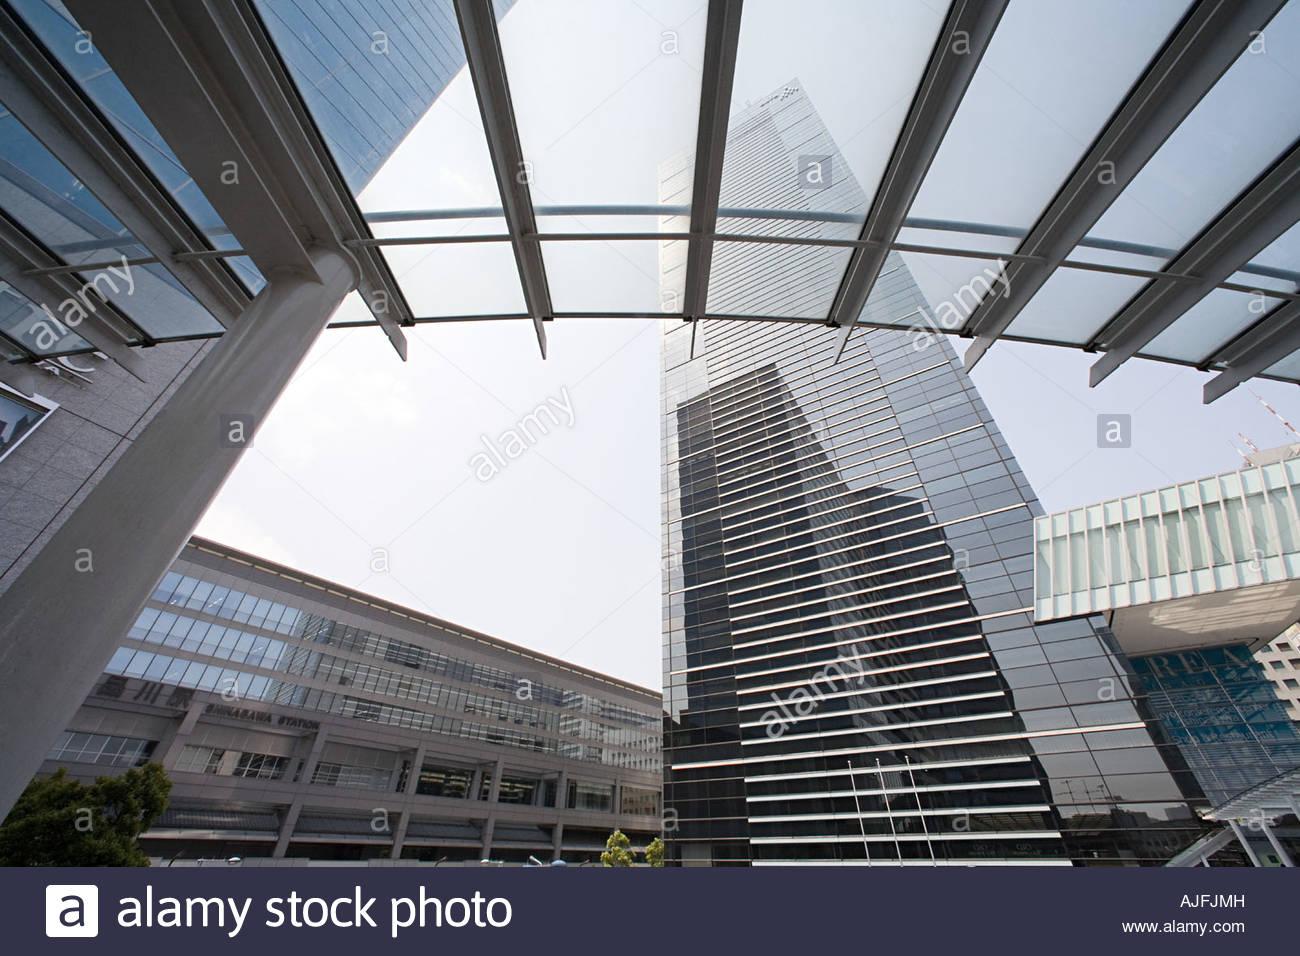 Skyscraper - Stock Image